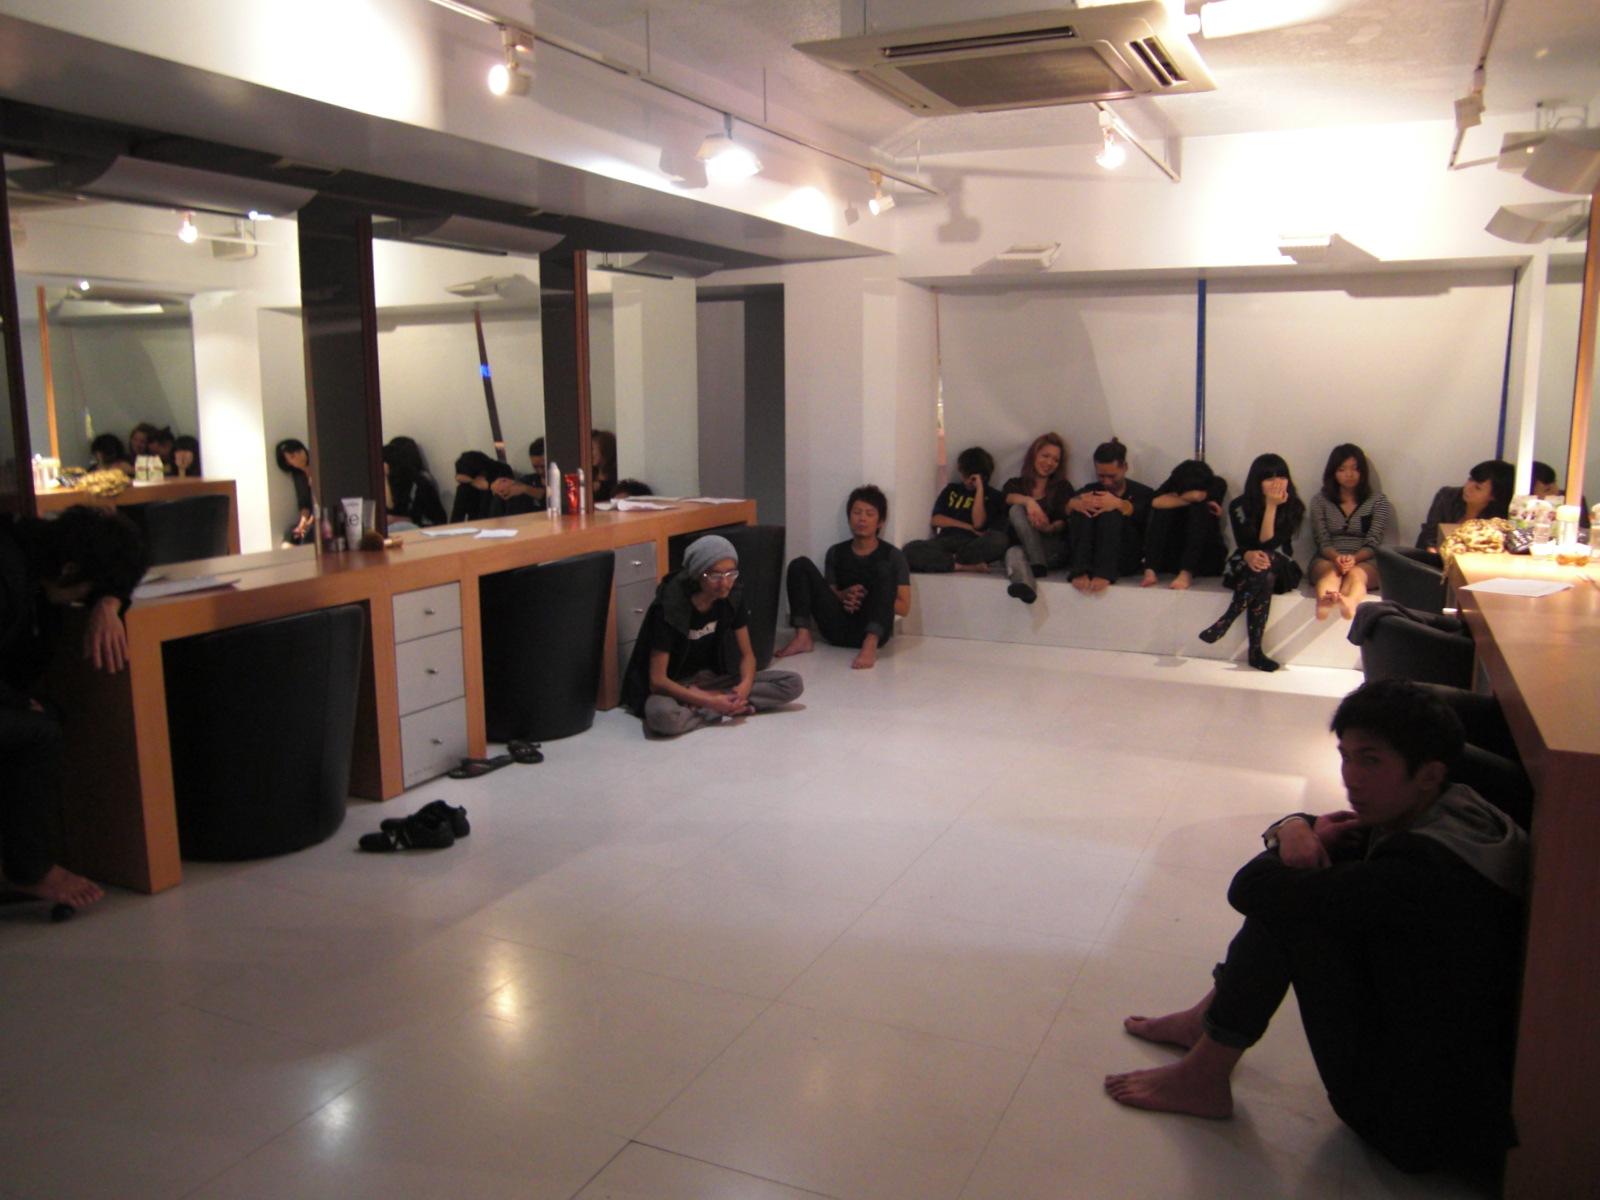 企業訓練課程講座